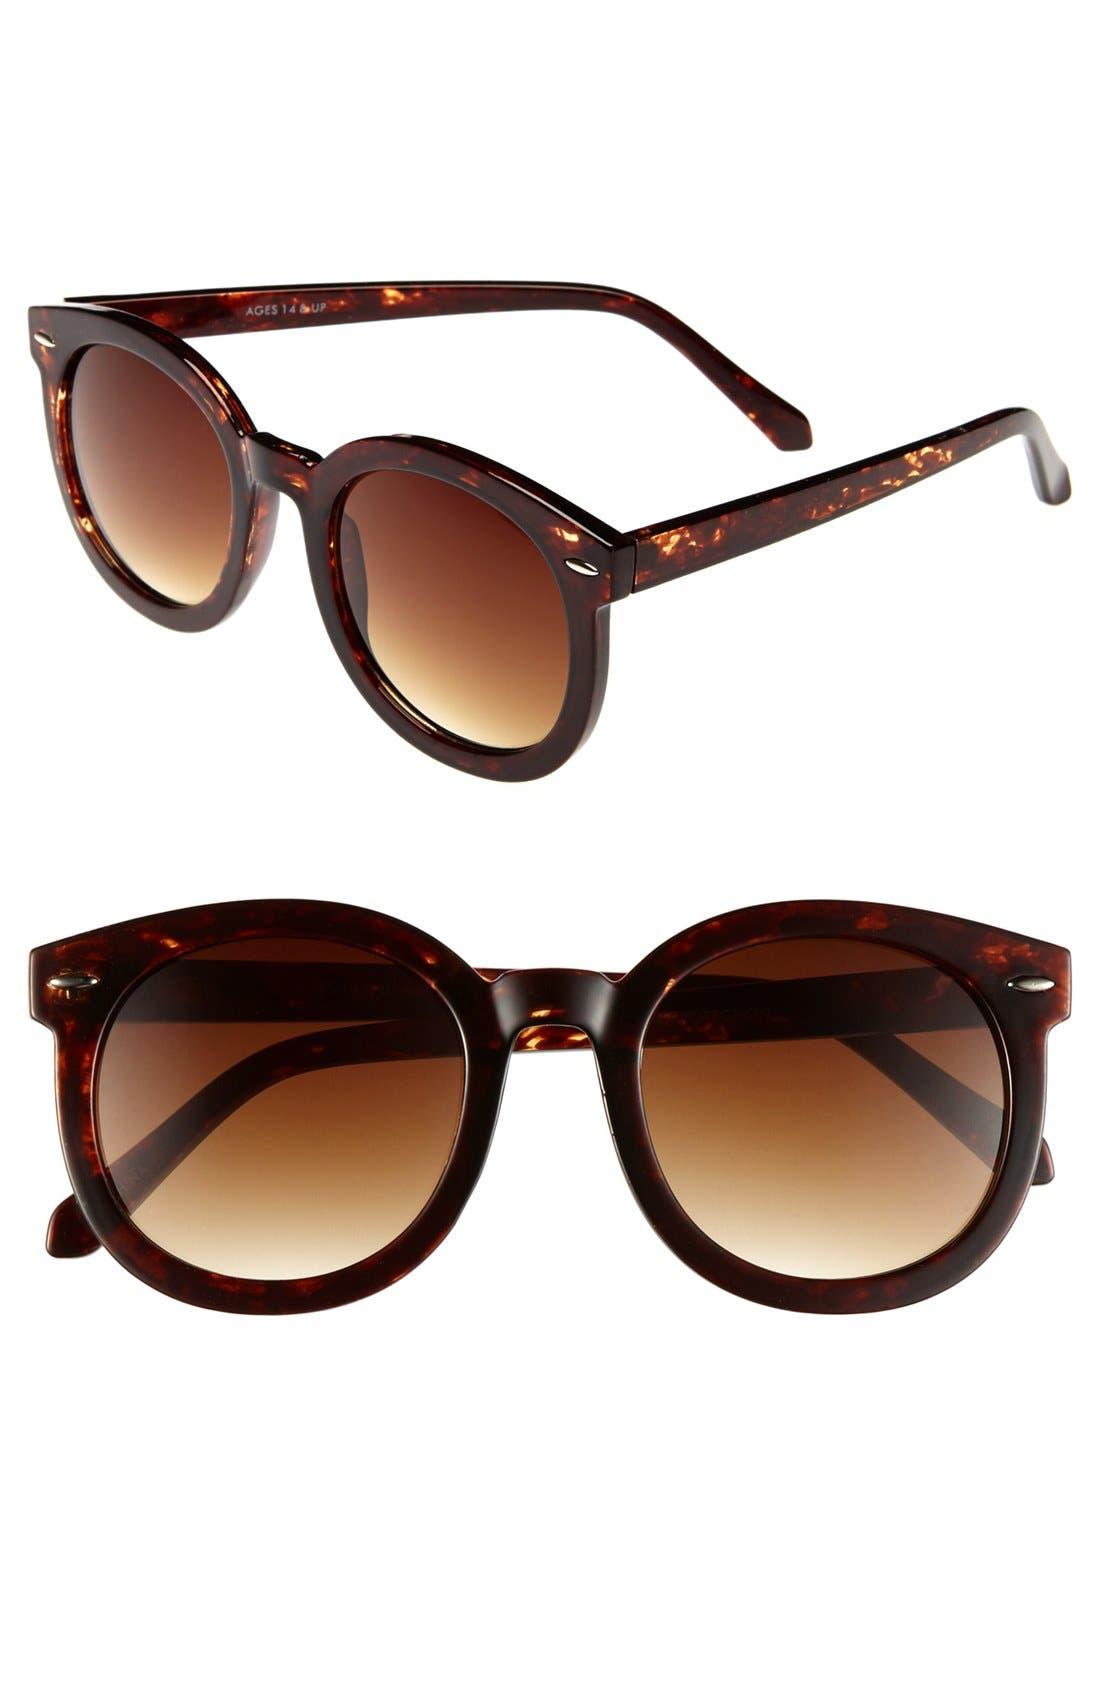 Main Image - FE NY 'Abbey Road' Sunglasses